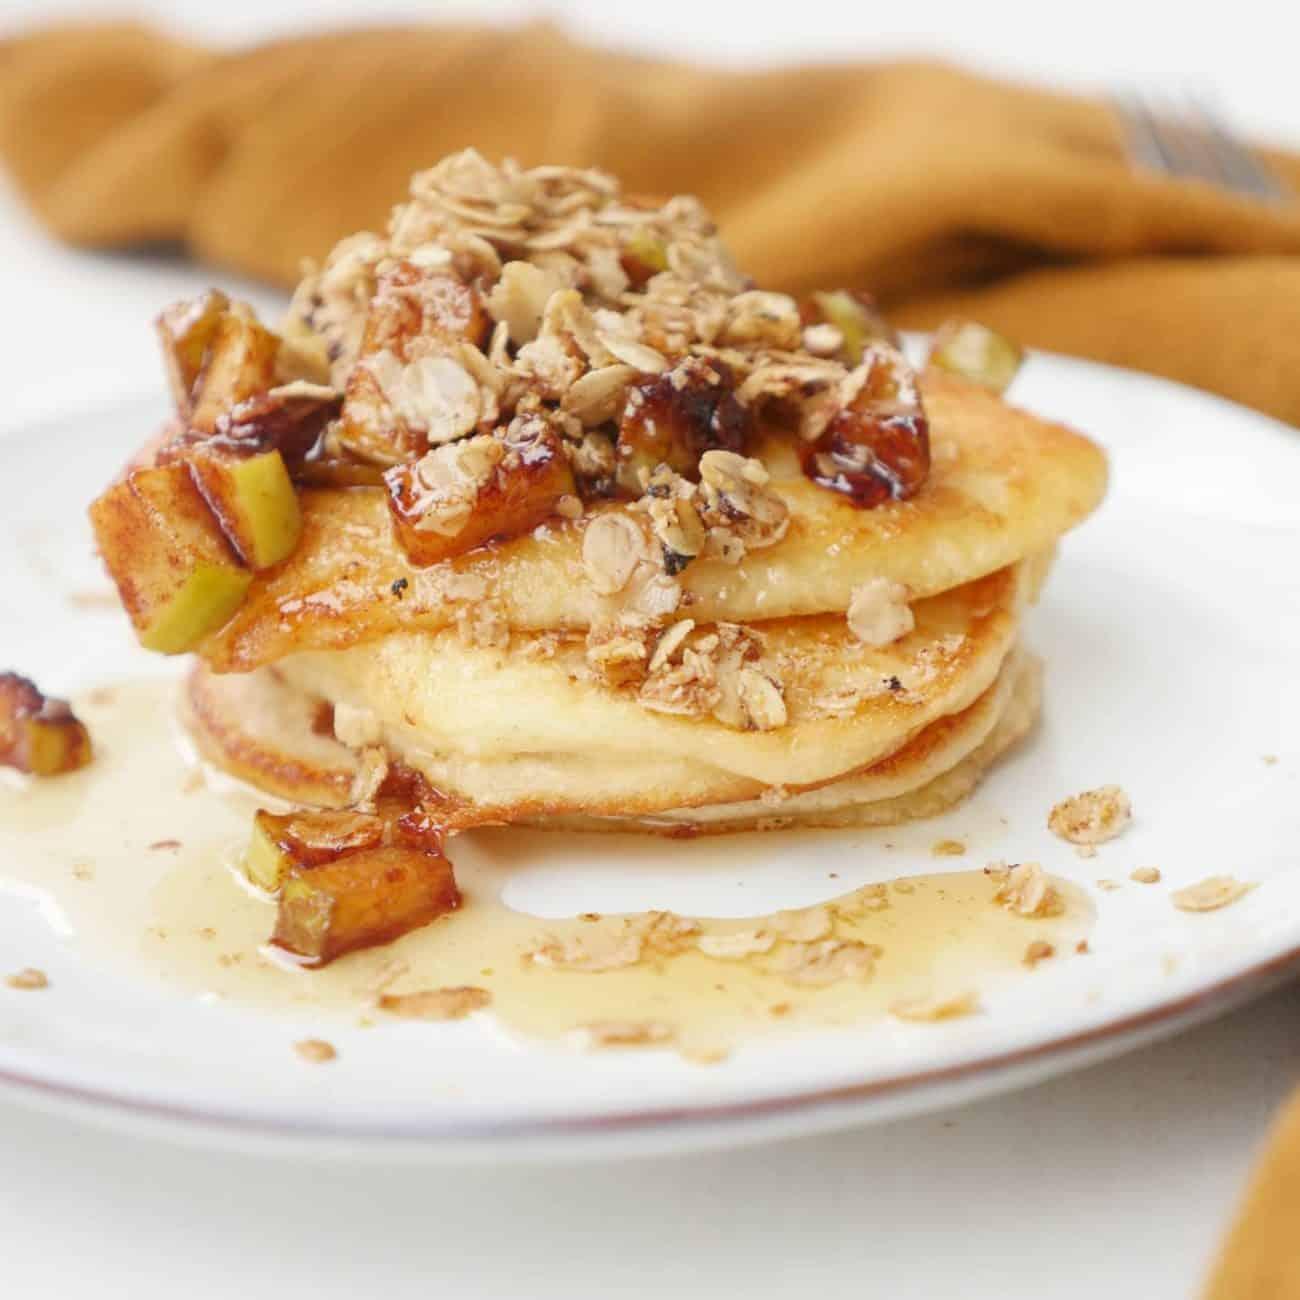 Fluffiga pannkakor med äppelmos och äppelpajtopping